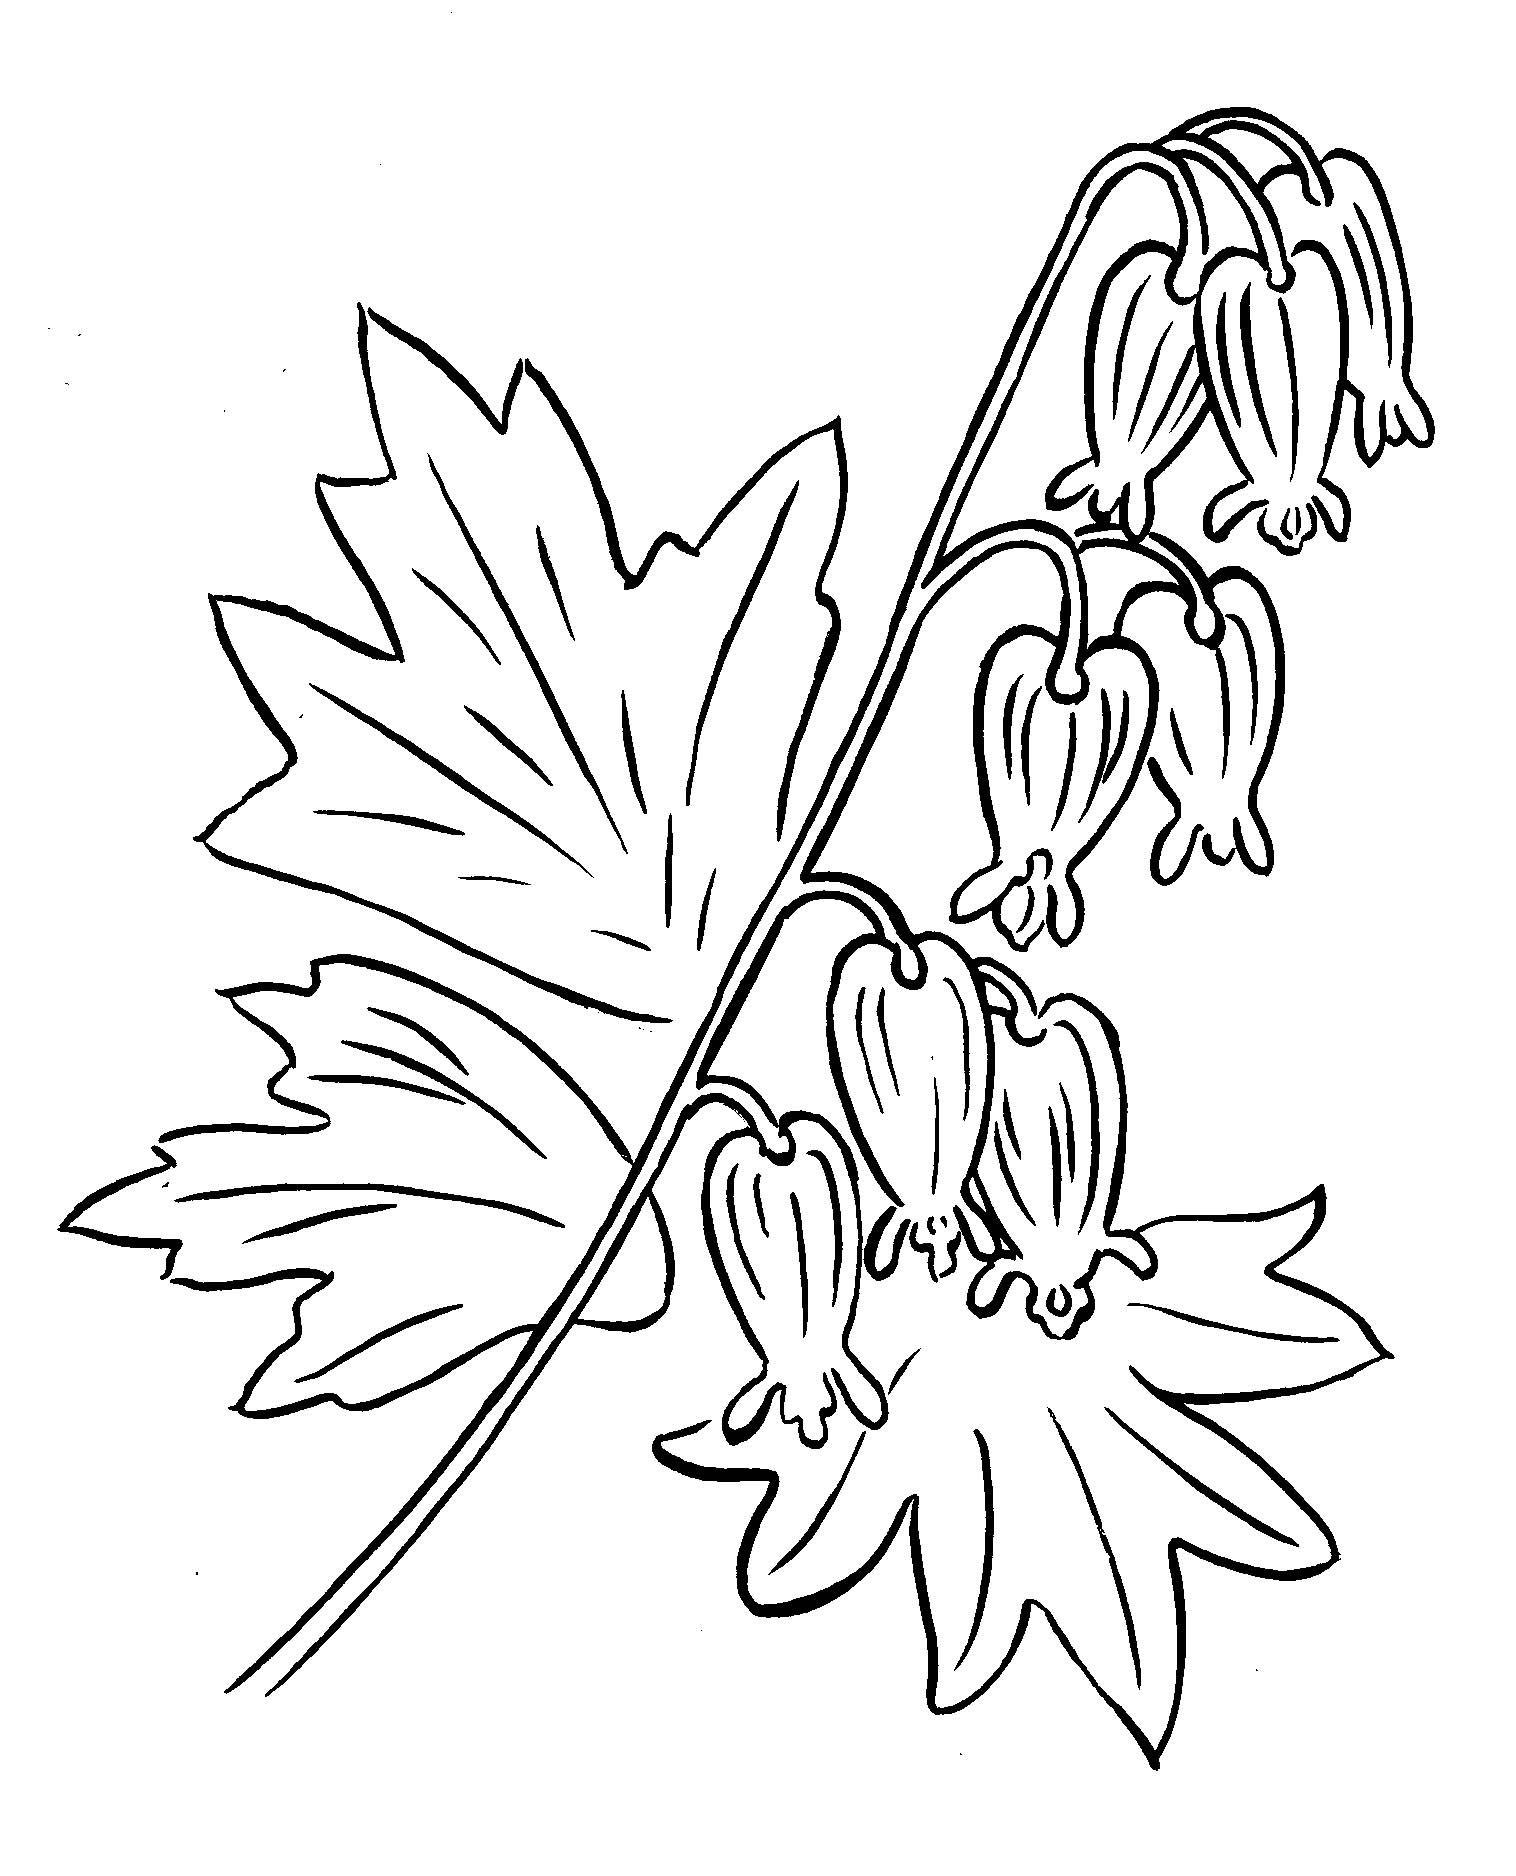 Bleeding Heart Plant Bleeding Heart Drawings Bleeding Heart Flower